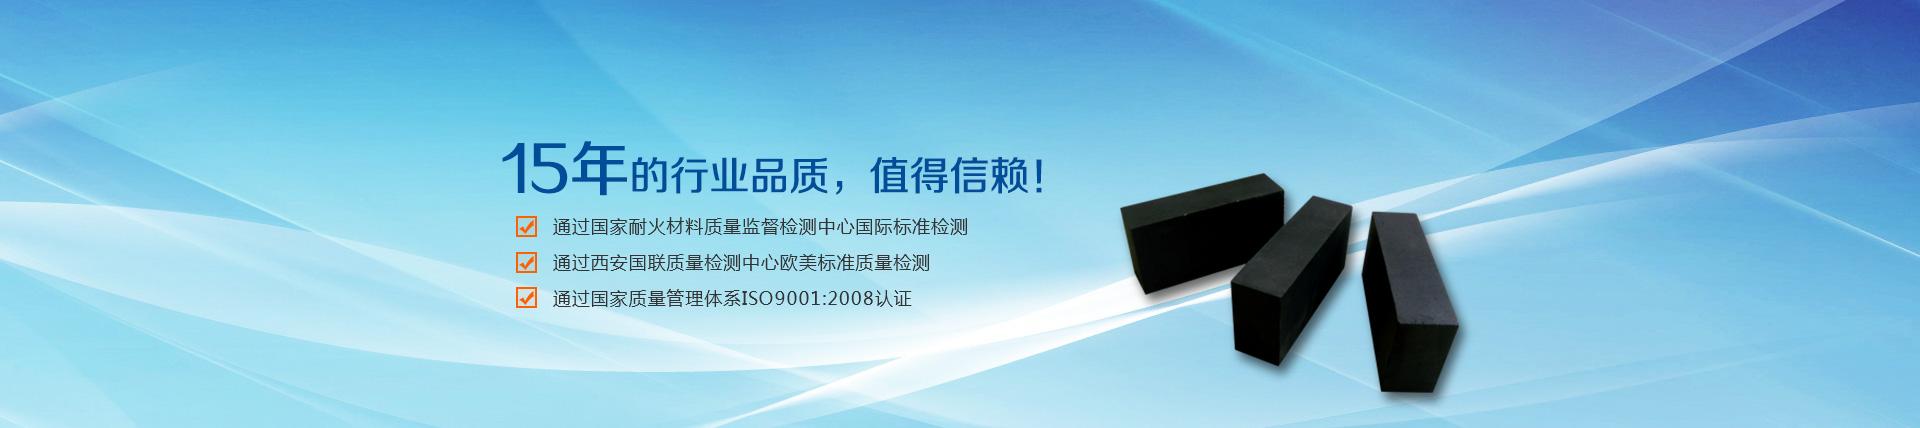 沁阳市大发注ce防fu材料有限公司